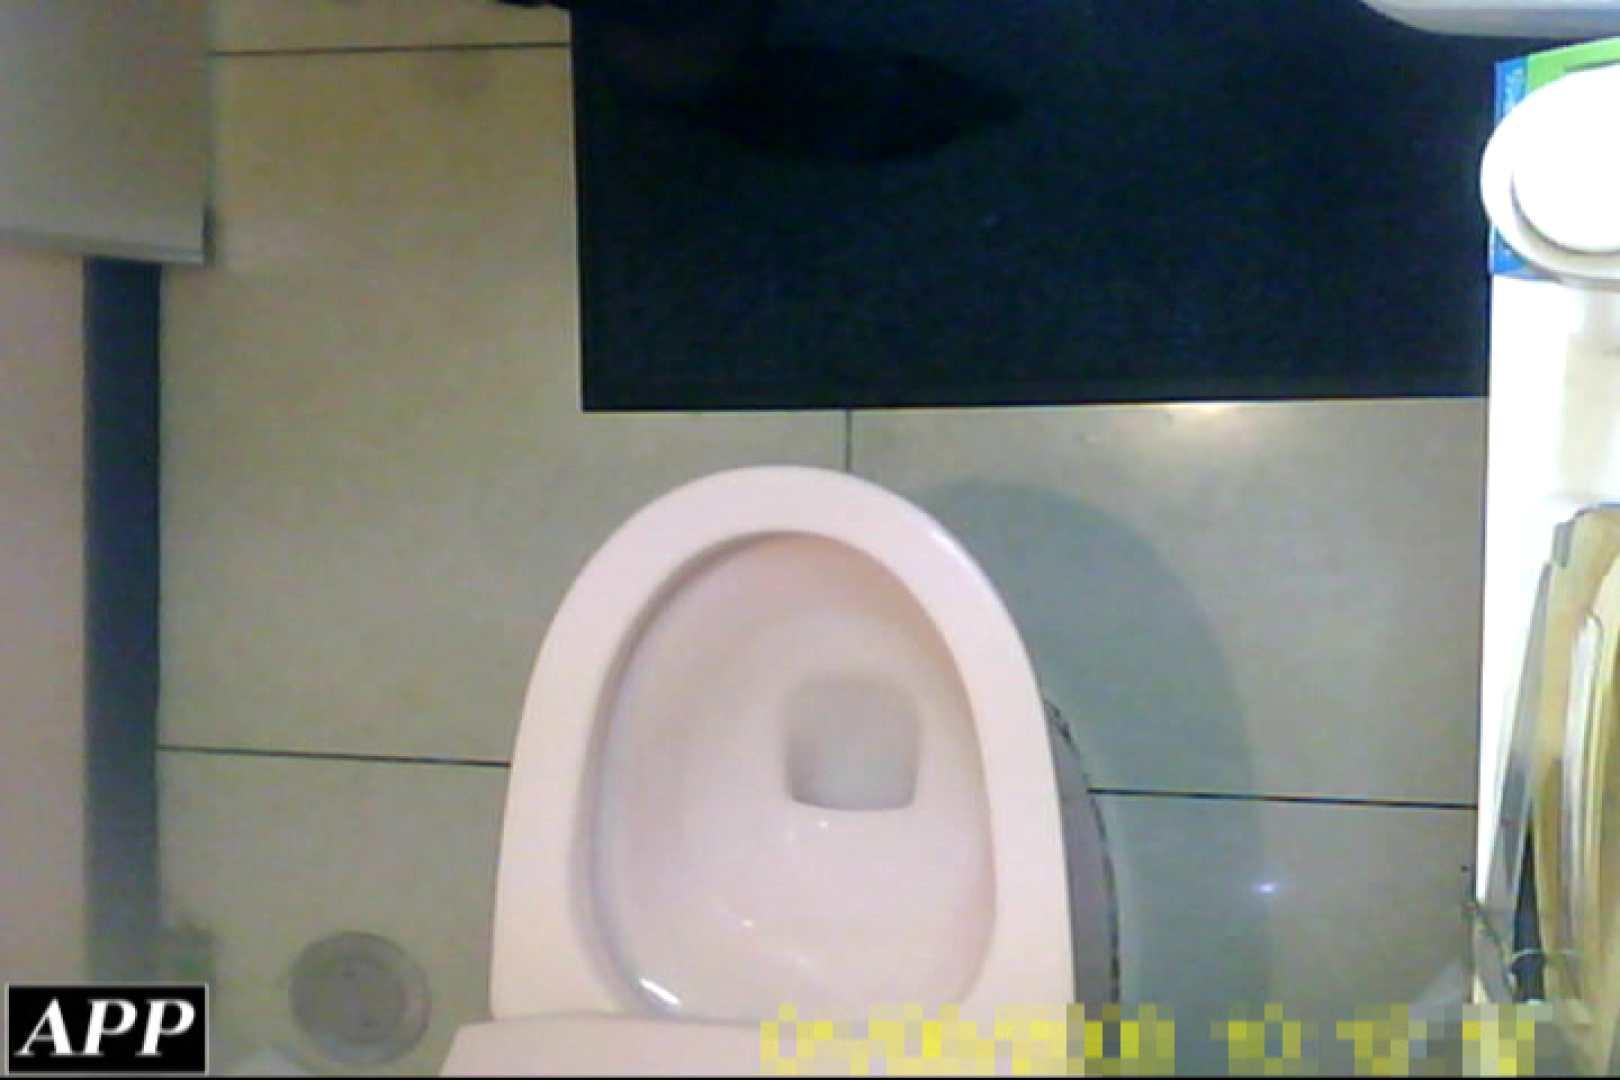 3視点洗面所 vol.21 洗面所のぞき AV動画キャプチャ 89枚 11